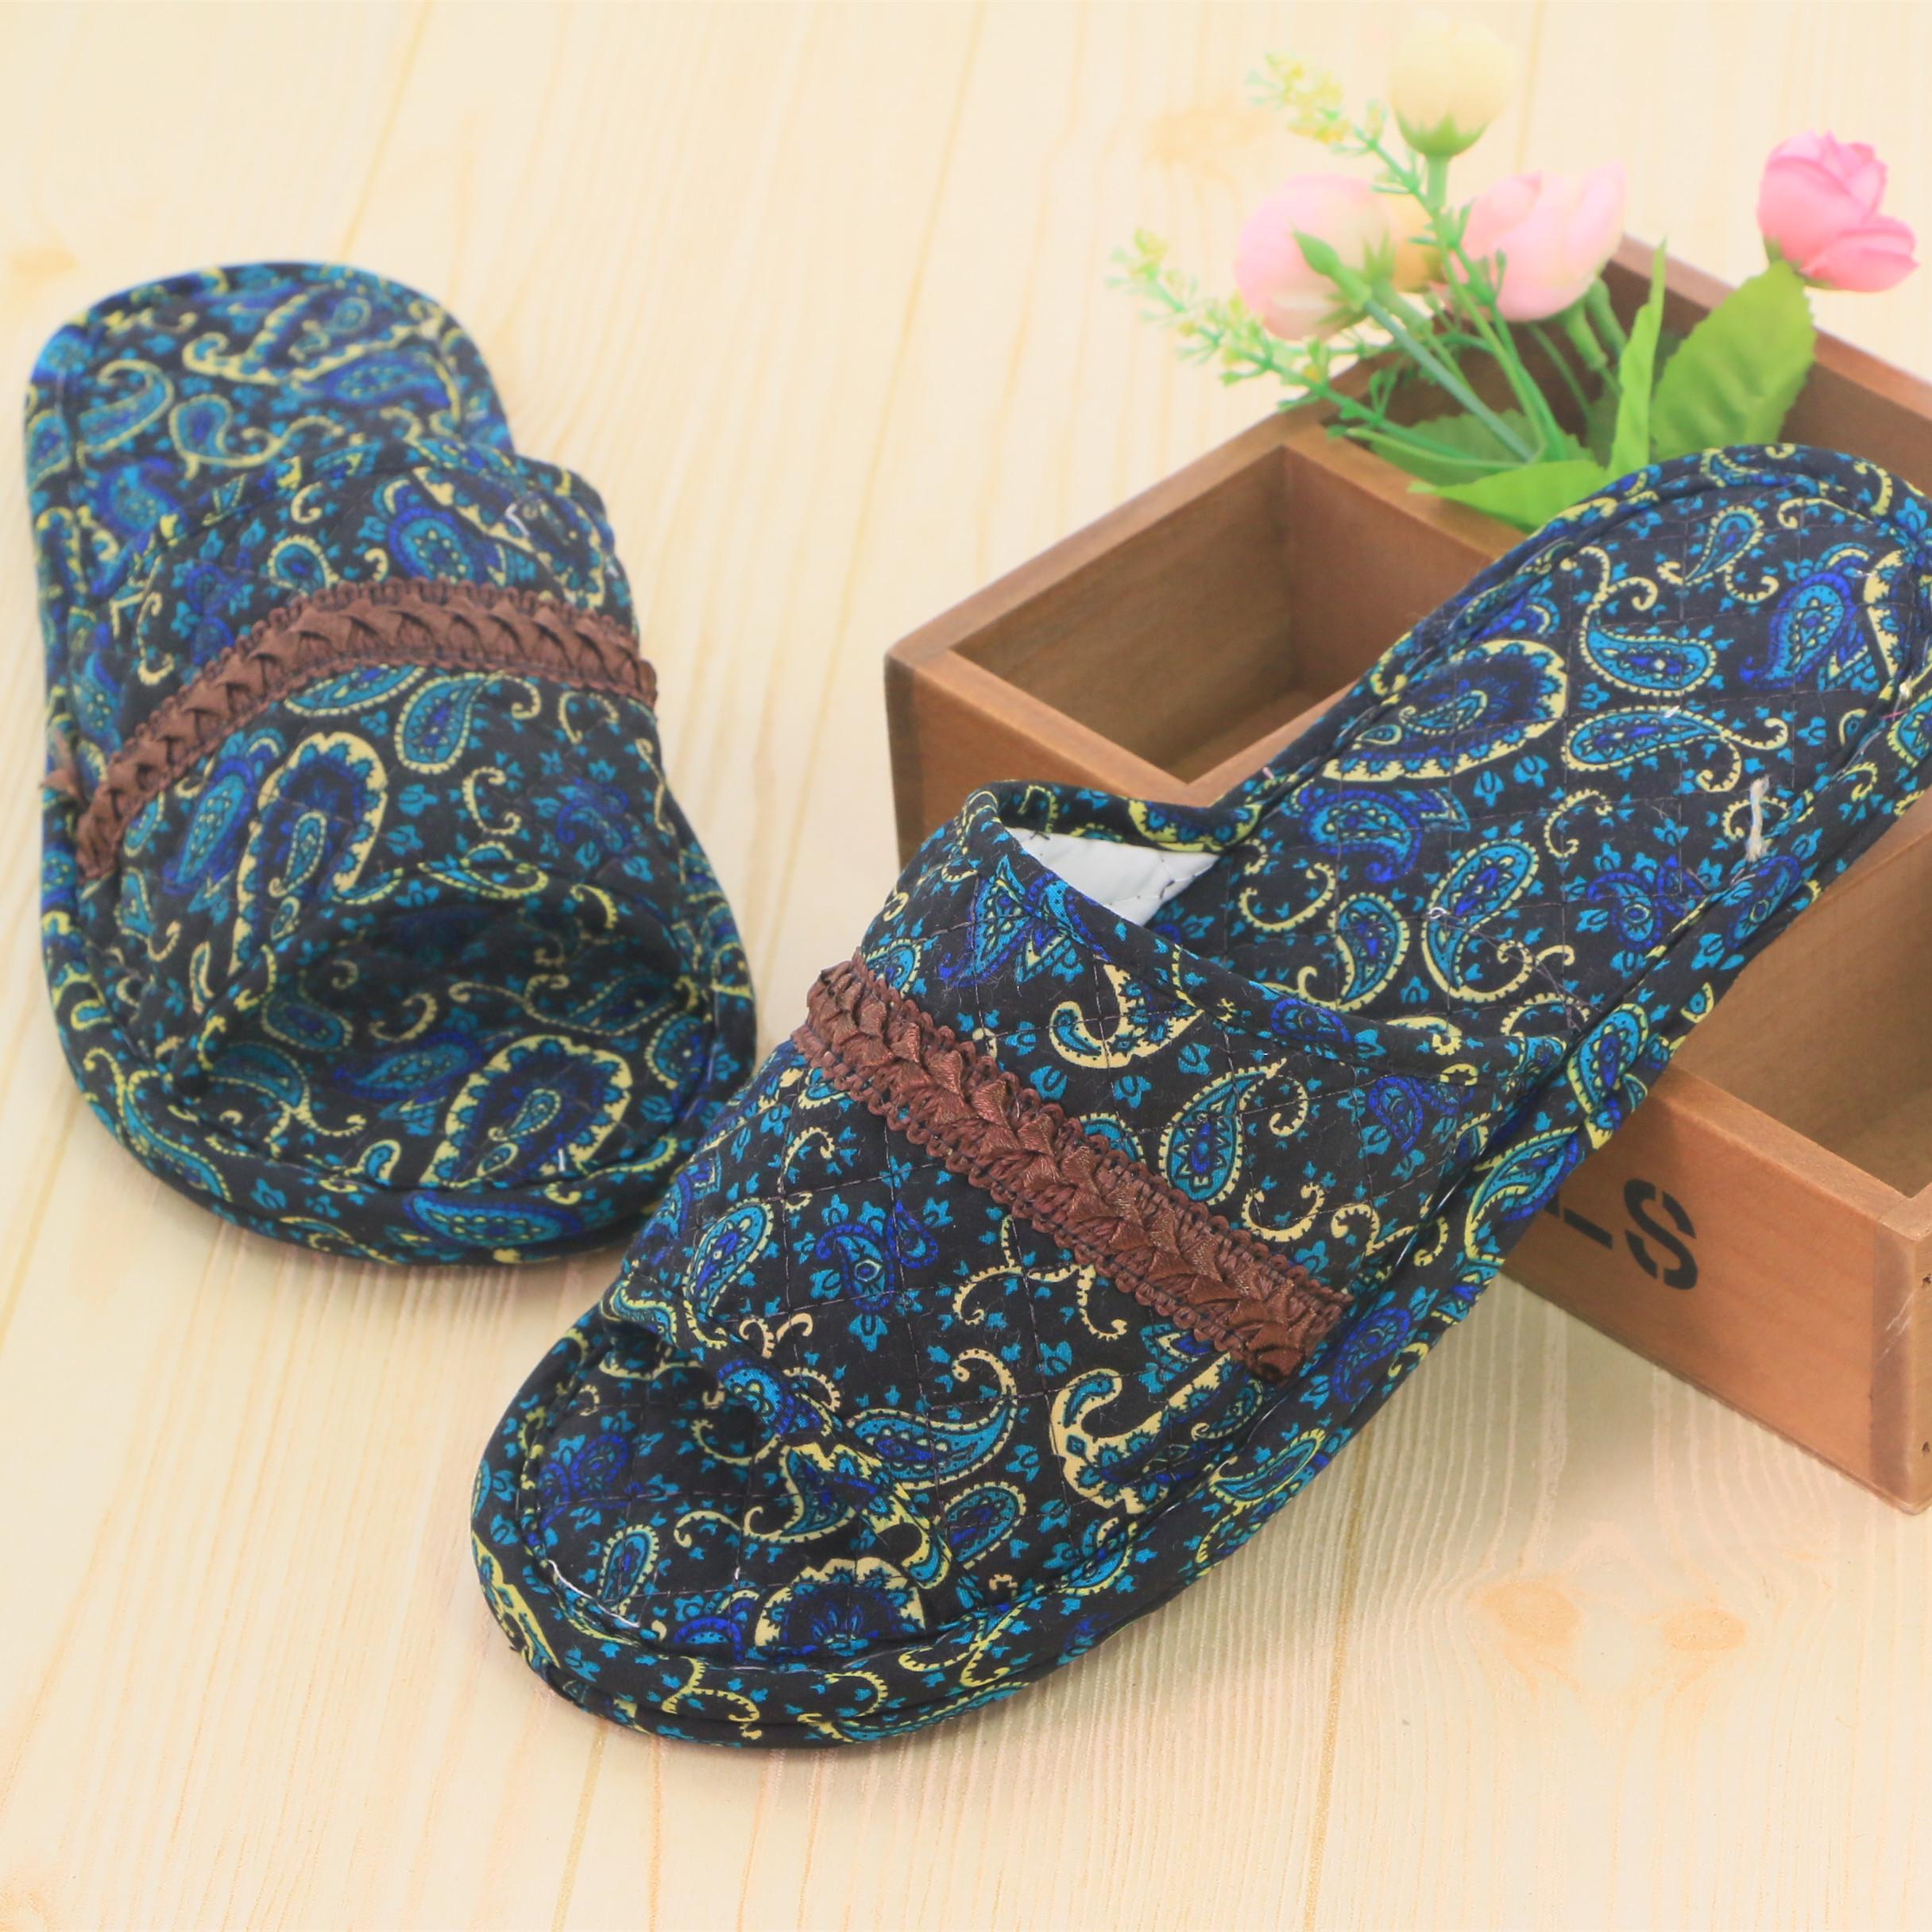 Цвет: Открытым носком Бодхи синий